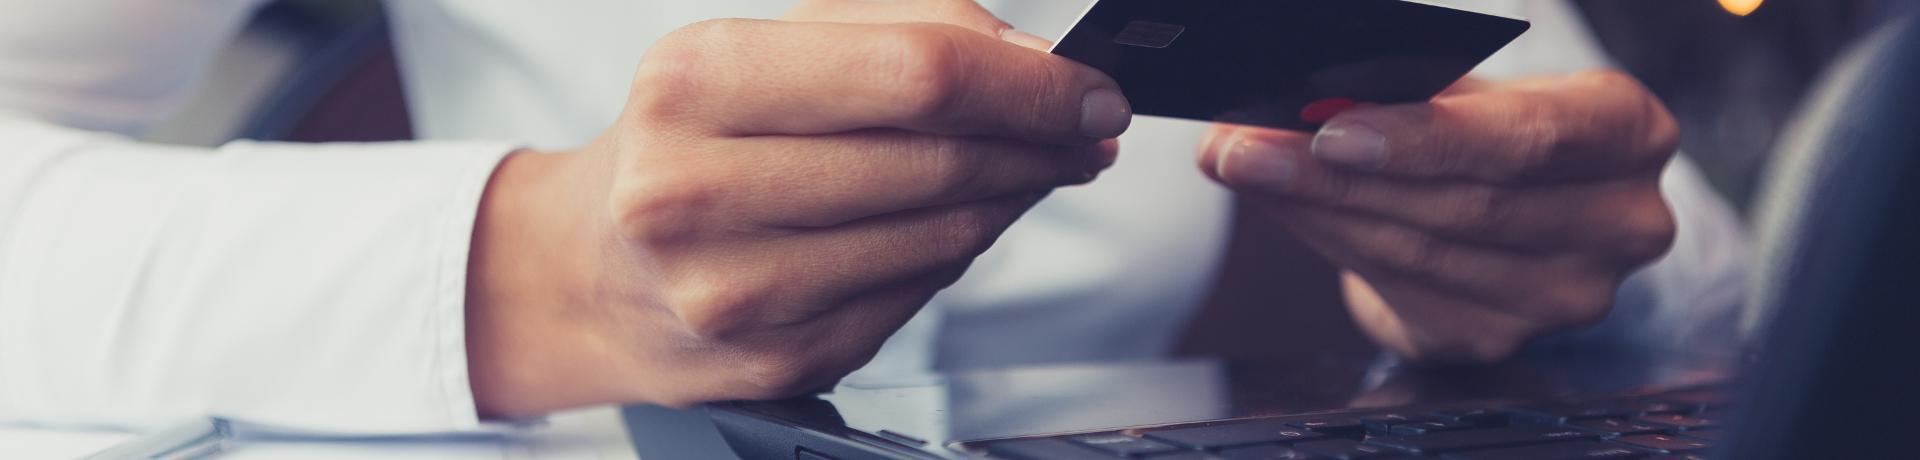 Mietwagen-Ratgeber: Lapptop - Kreditkarte-Bezahlung